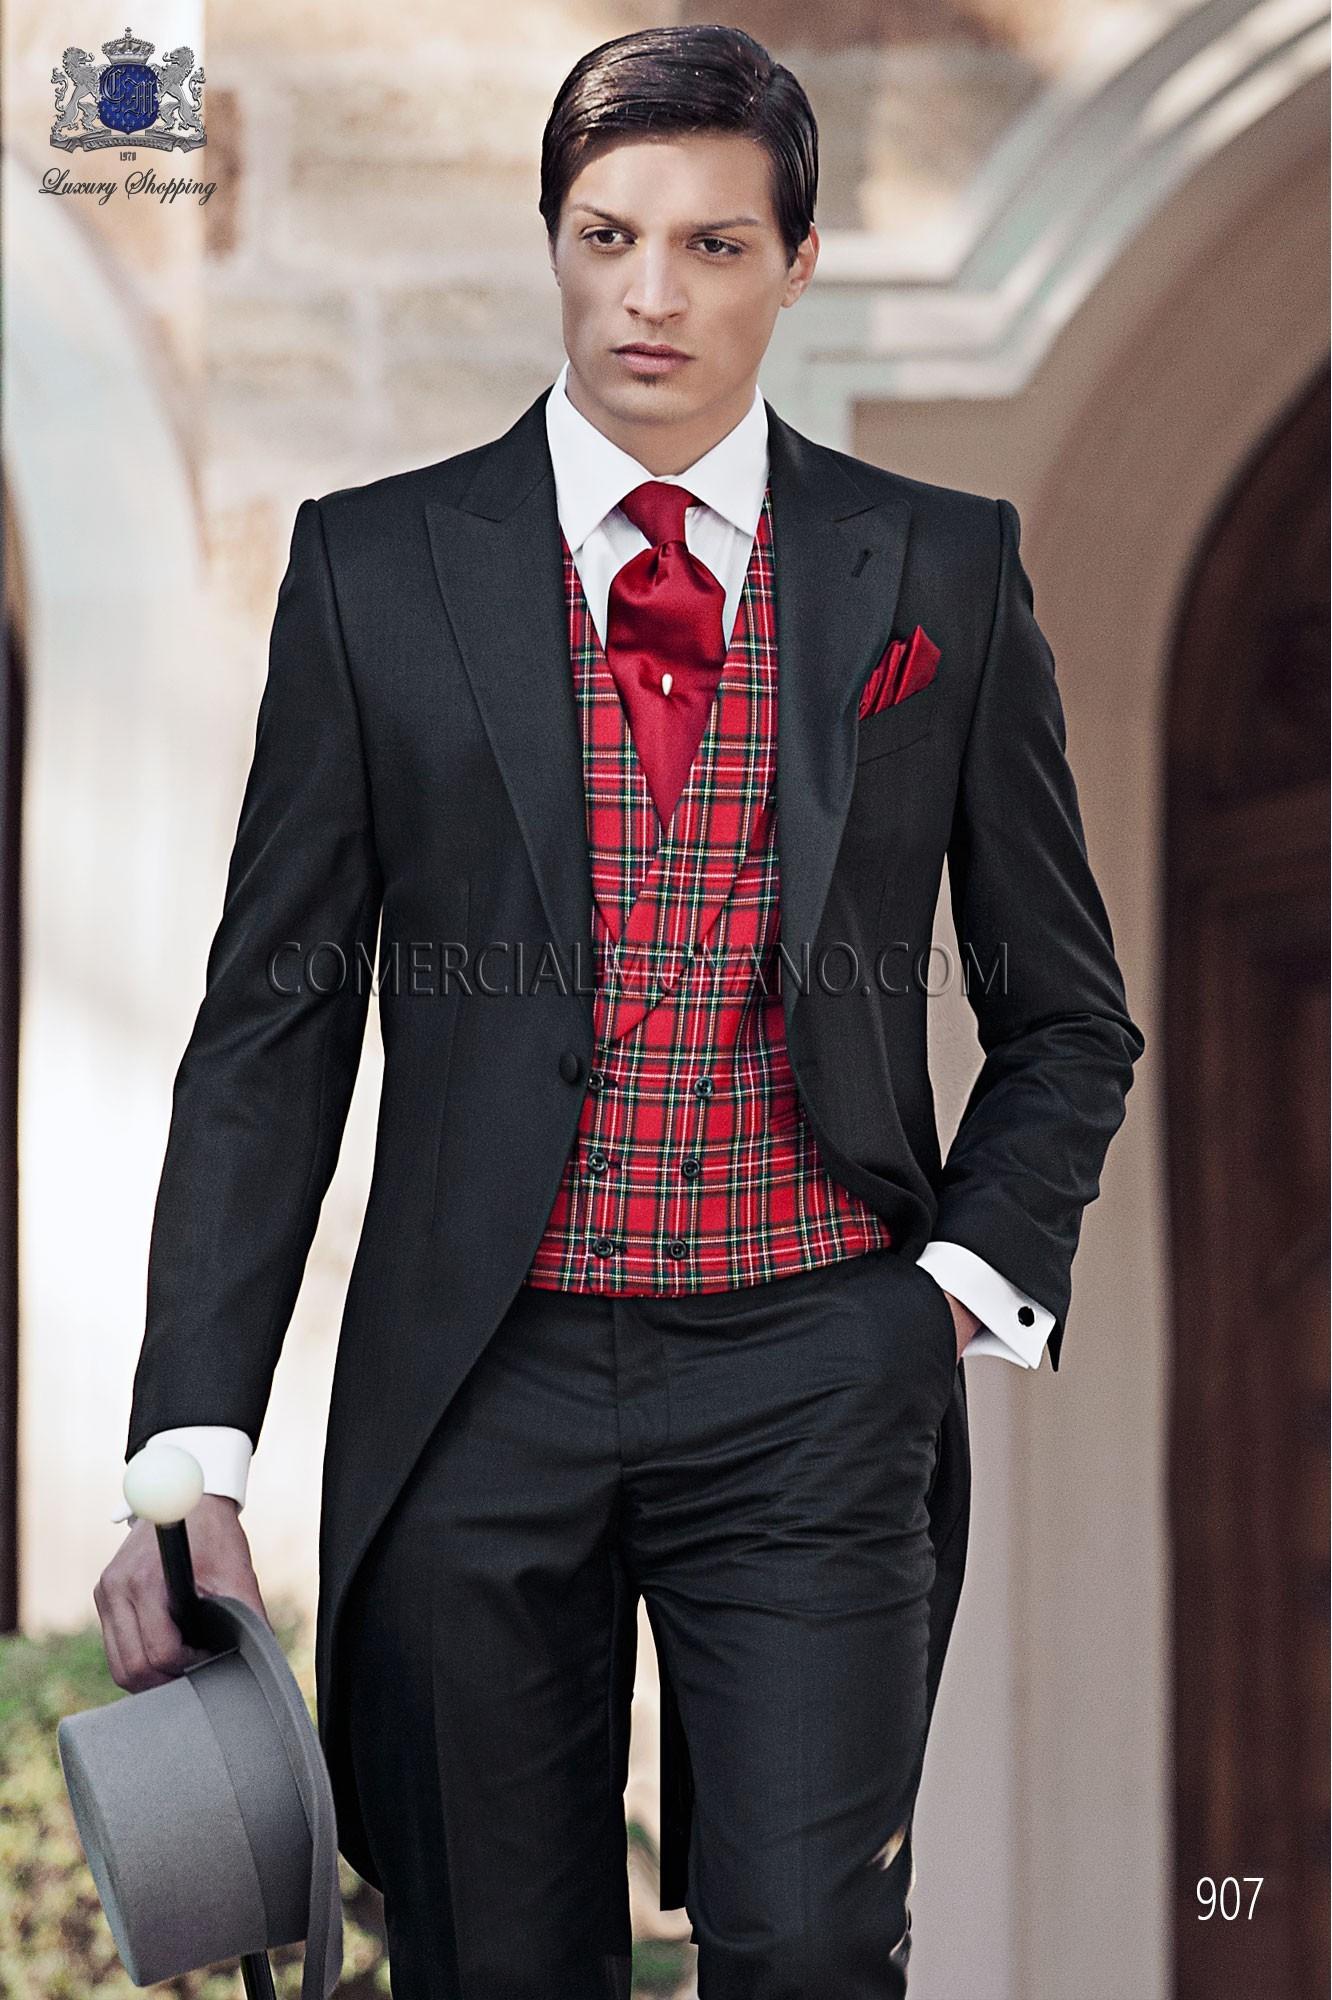 Traje de novio italiano negro modelo: 907 Ottavio Nuccio Gala colección Gentleman 2017